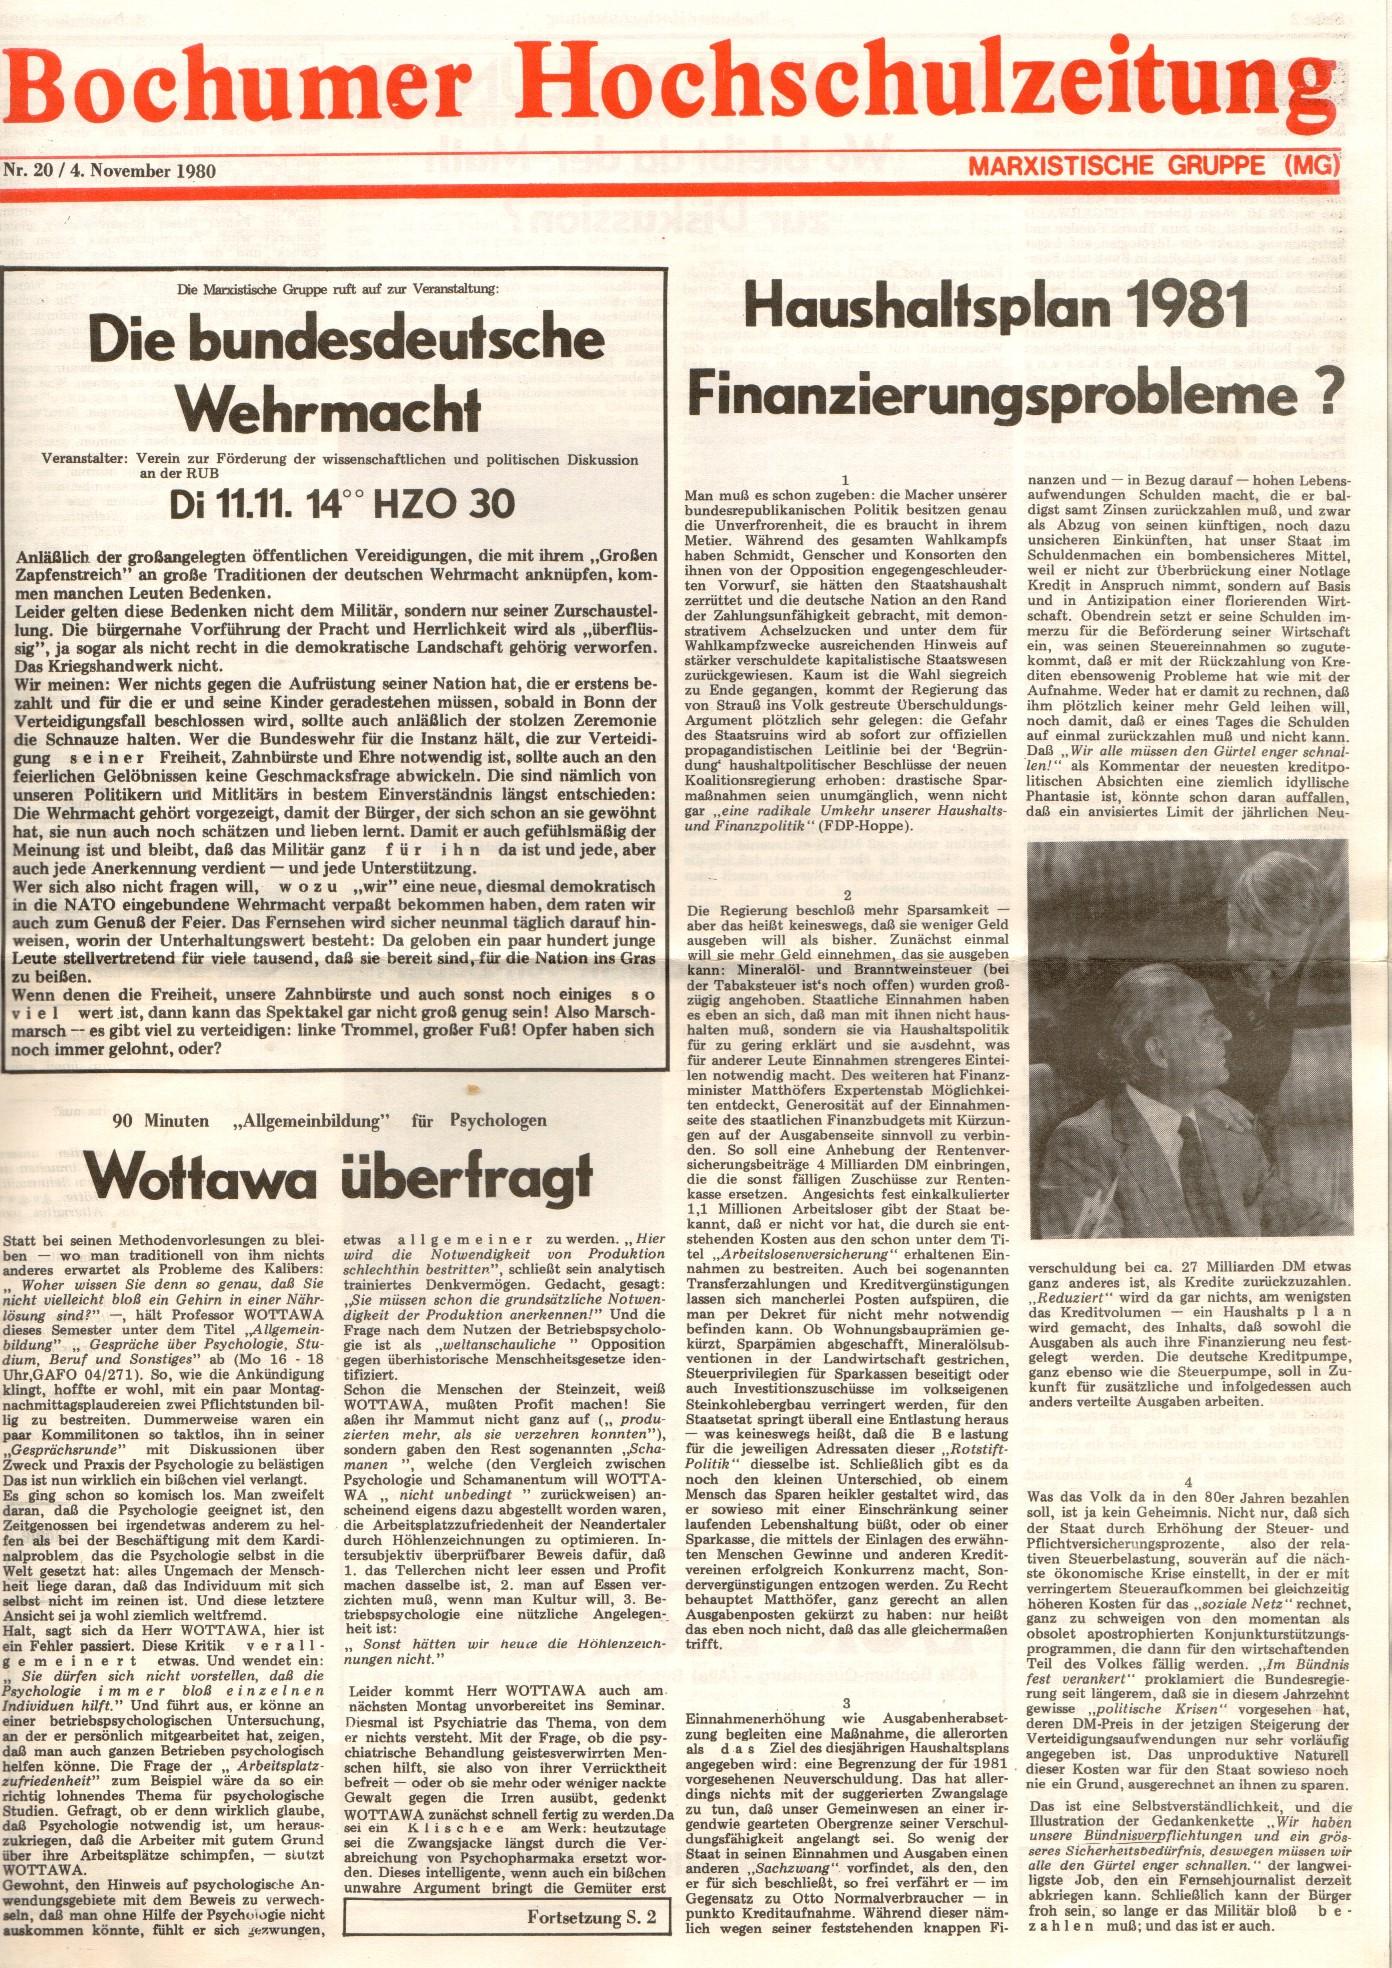 MG_Bochumer_Hochschulzeitung_19801104_01